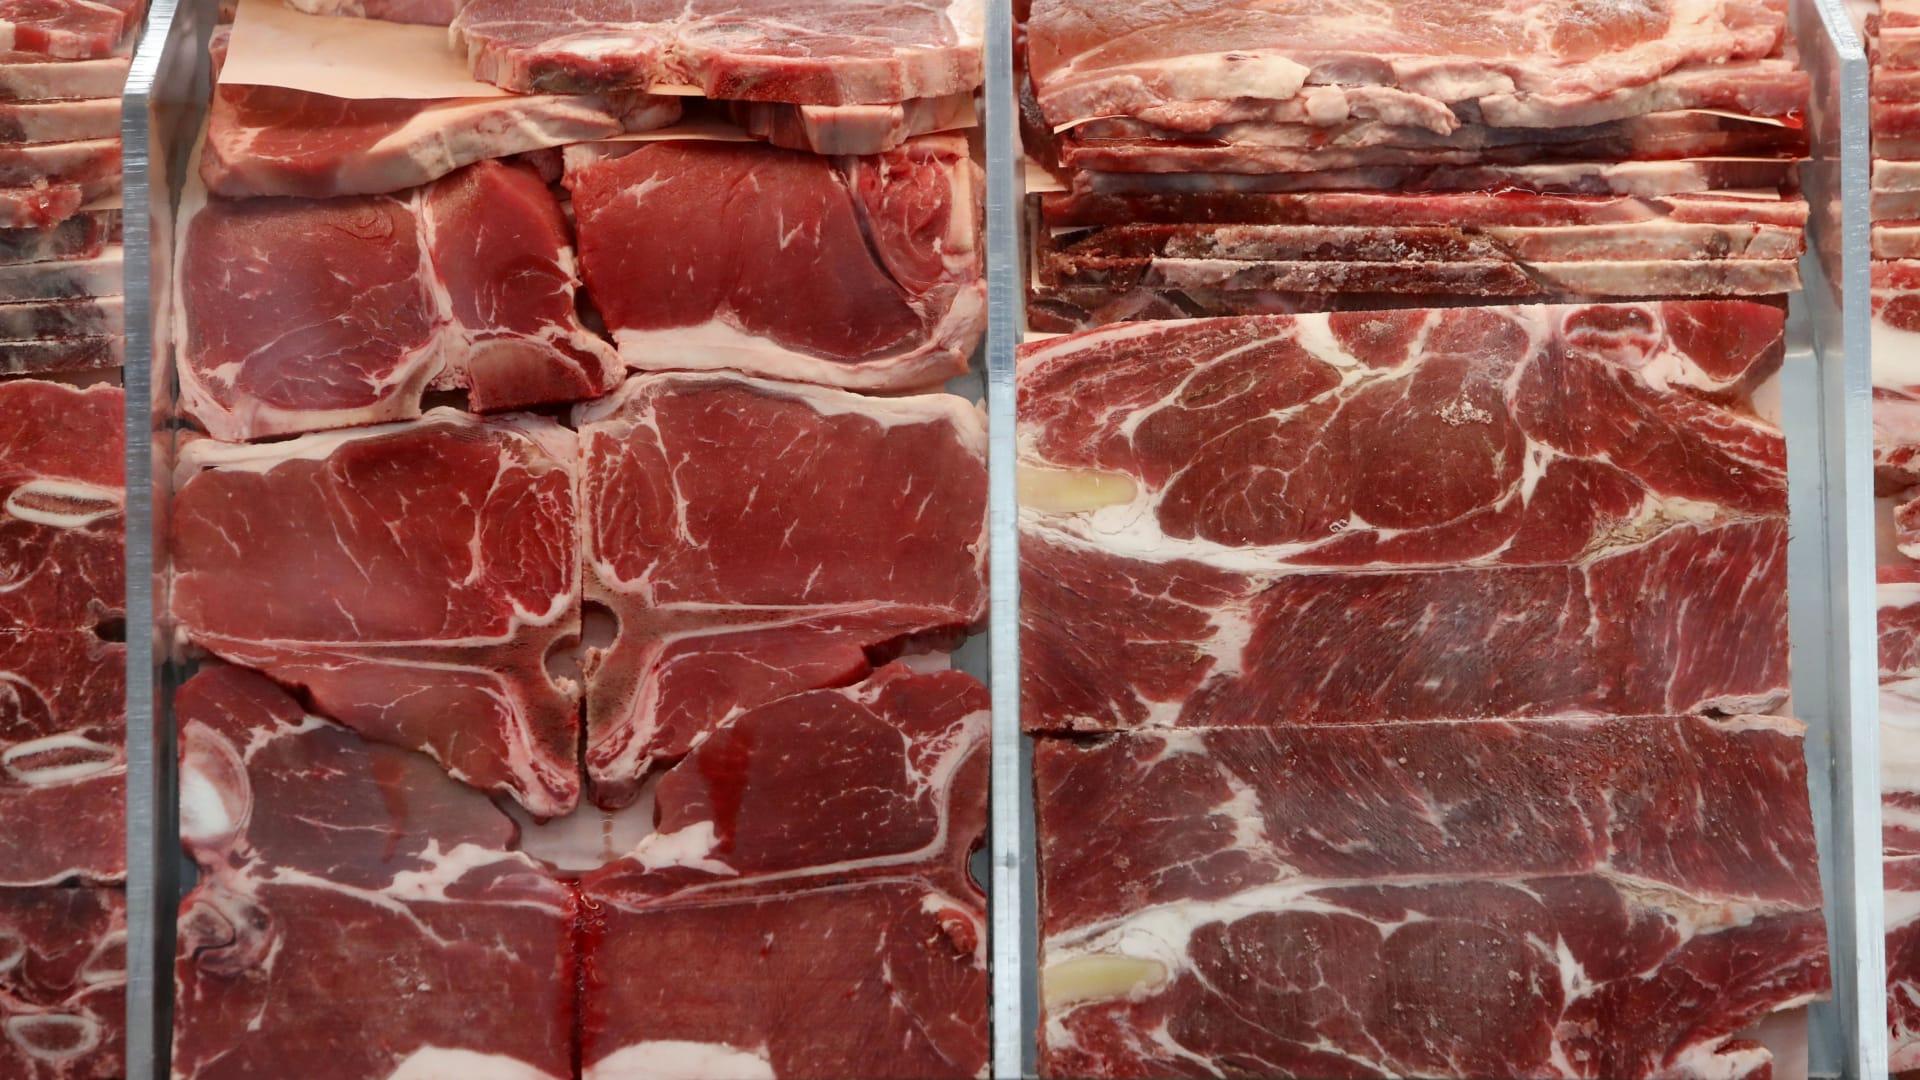 في زمن كورونا.. ما هي الفوائد الصحية للتقليل من تناول اللحوم الحمراء؟